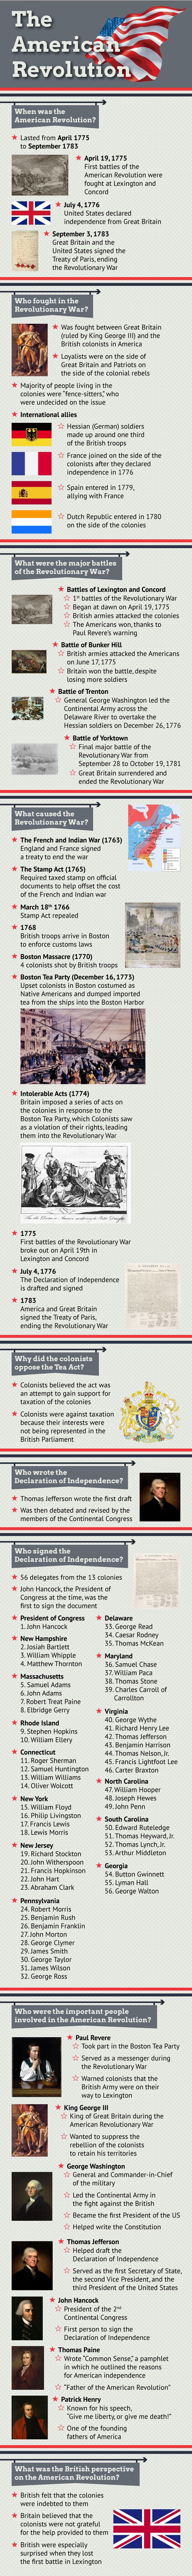 Revolutionary war dates in Sydney